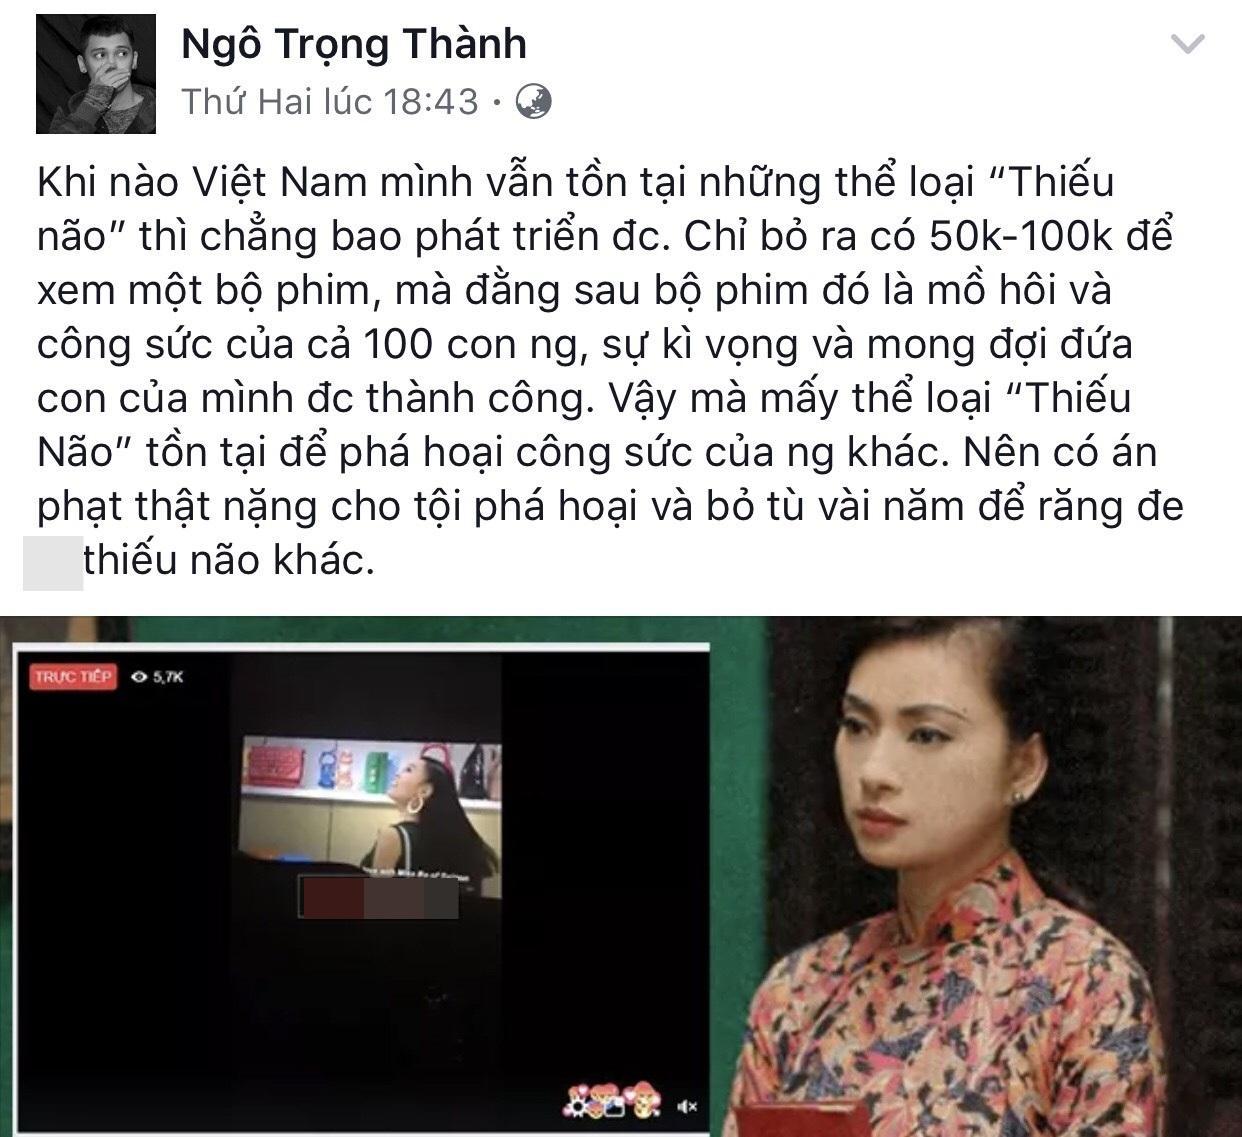 Trấn Thành và dàn sao Việt ủng hộ Ngô Thanh Vân xử tới bến kẻ livestream lén-3